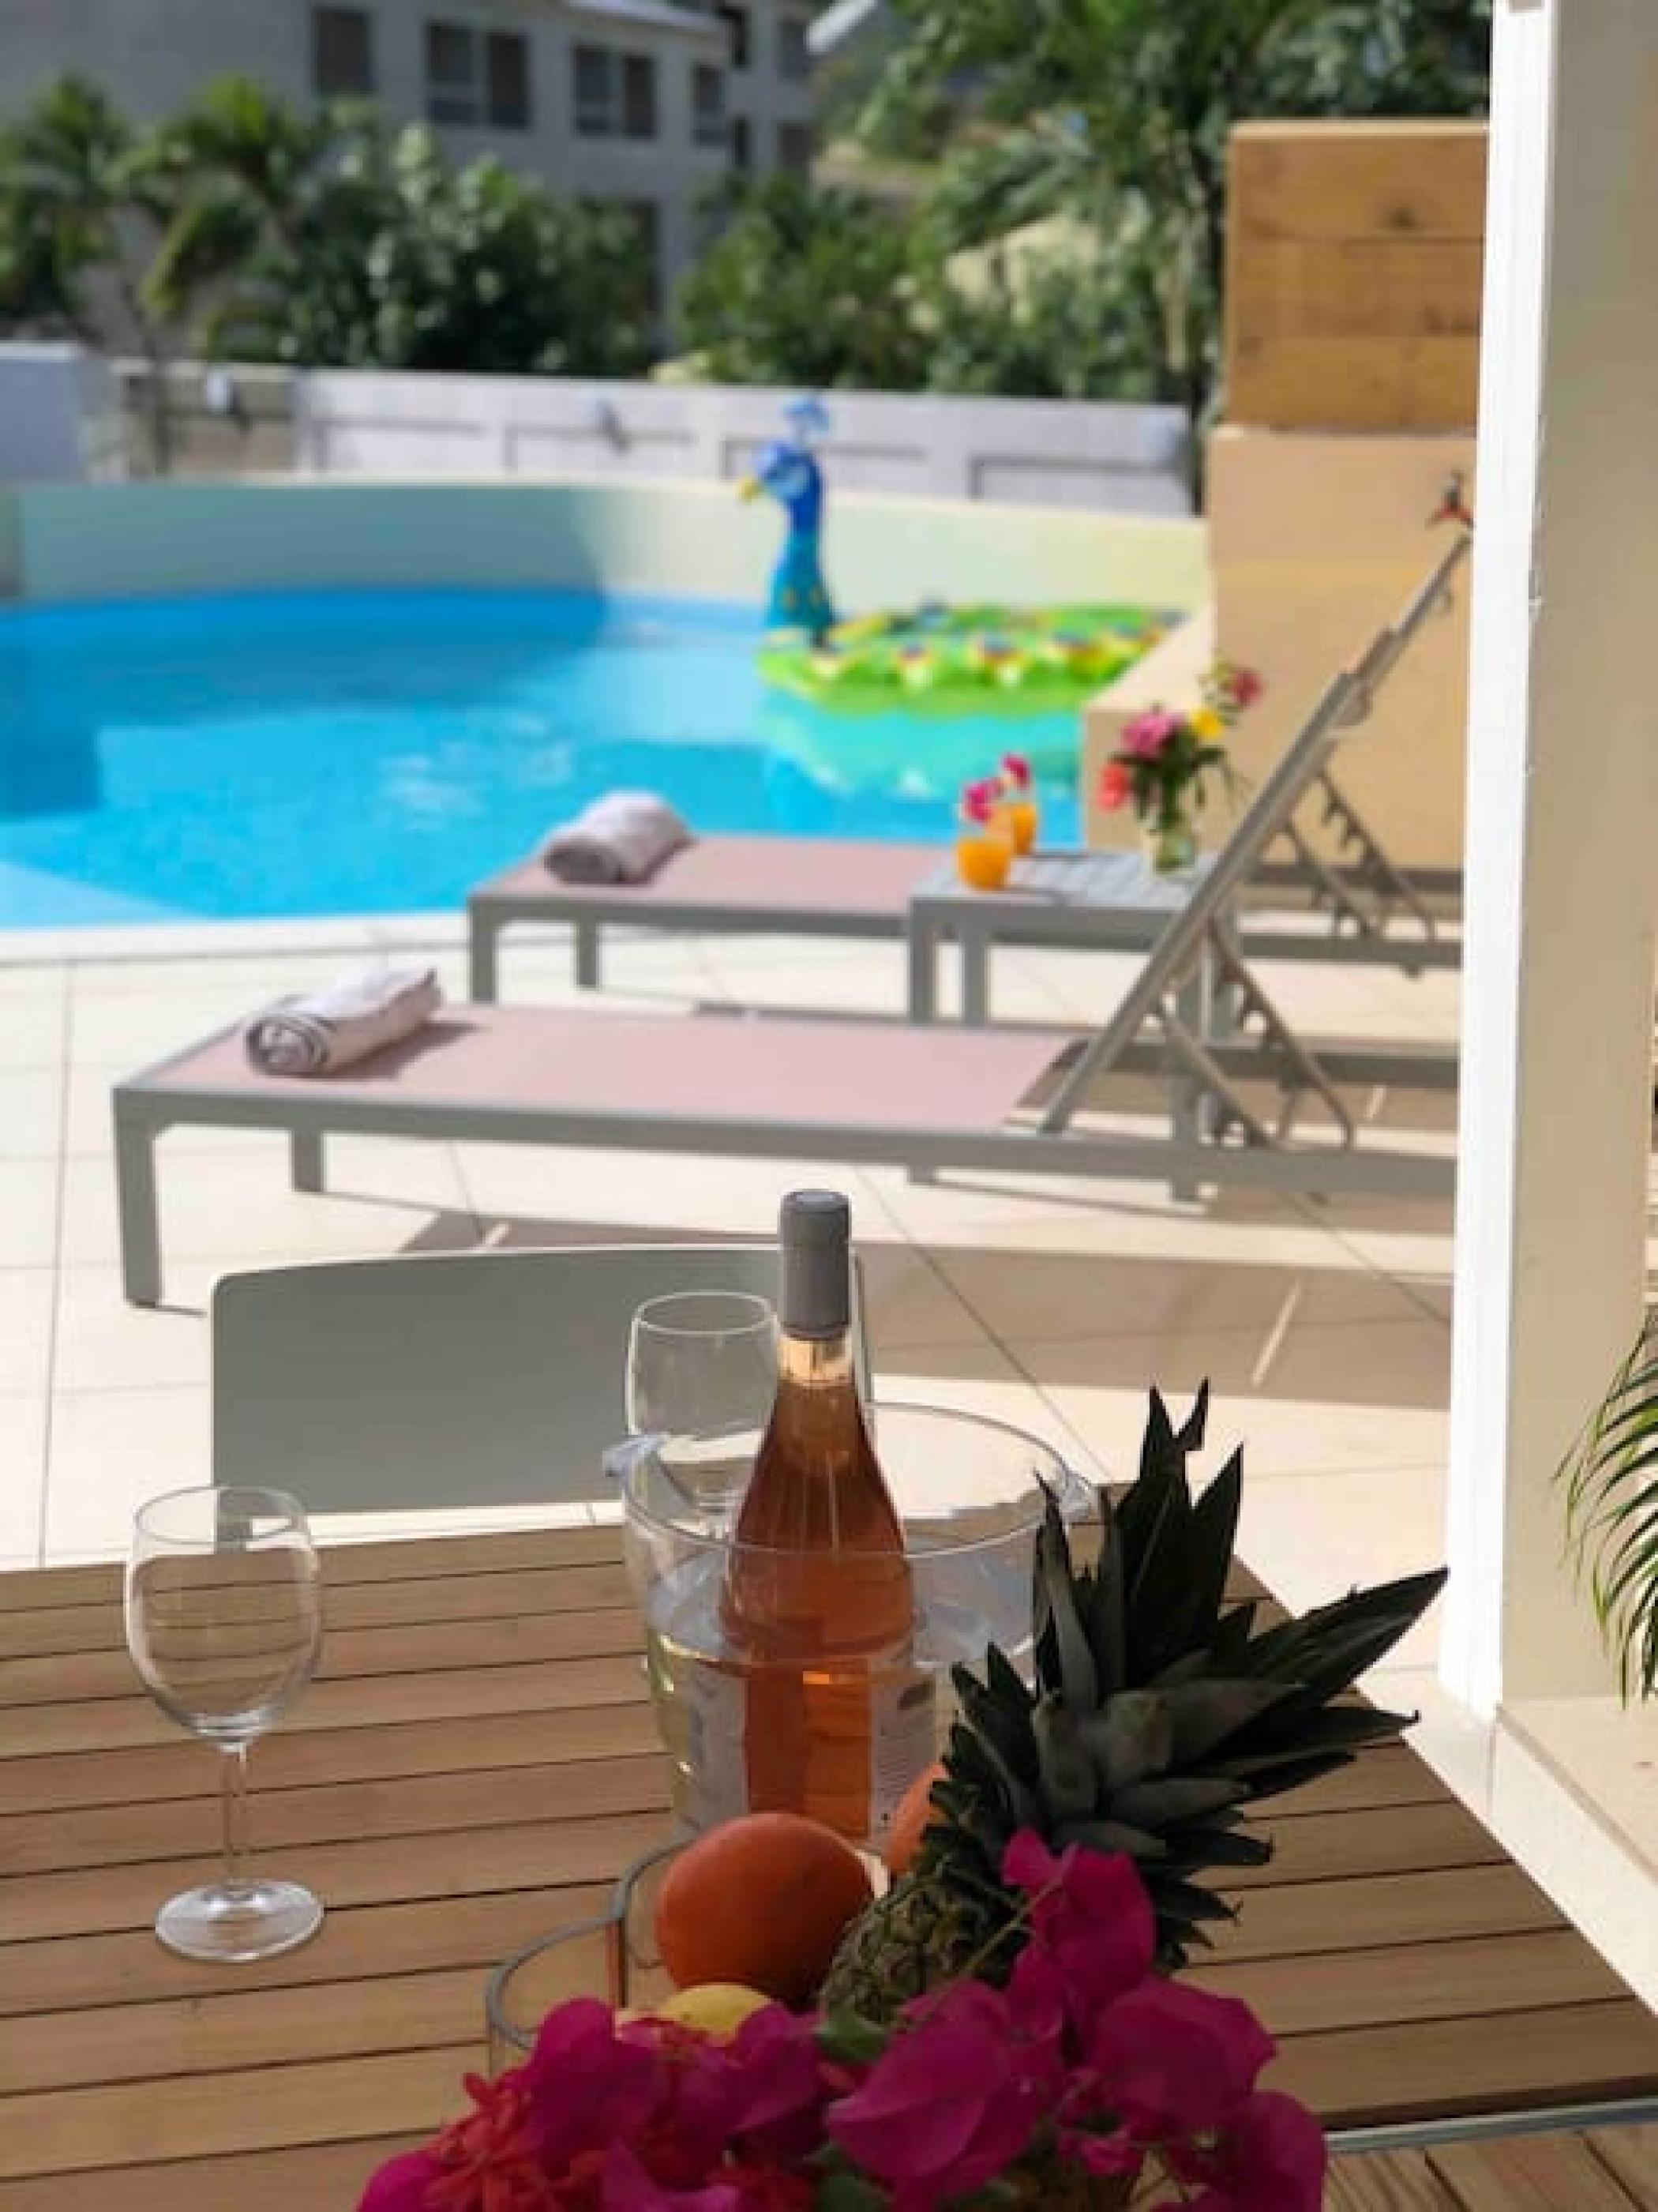 Belle suite S5 à 300m de la mer avec piscine à Cul de sac, Wifi haut débit